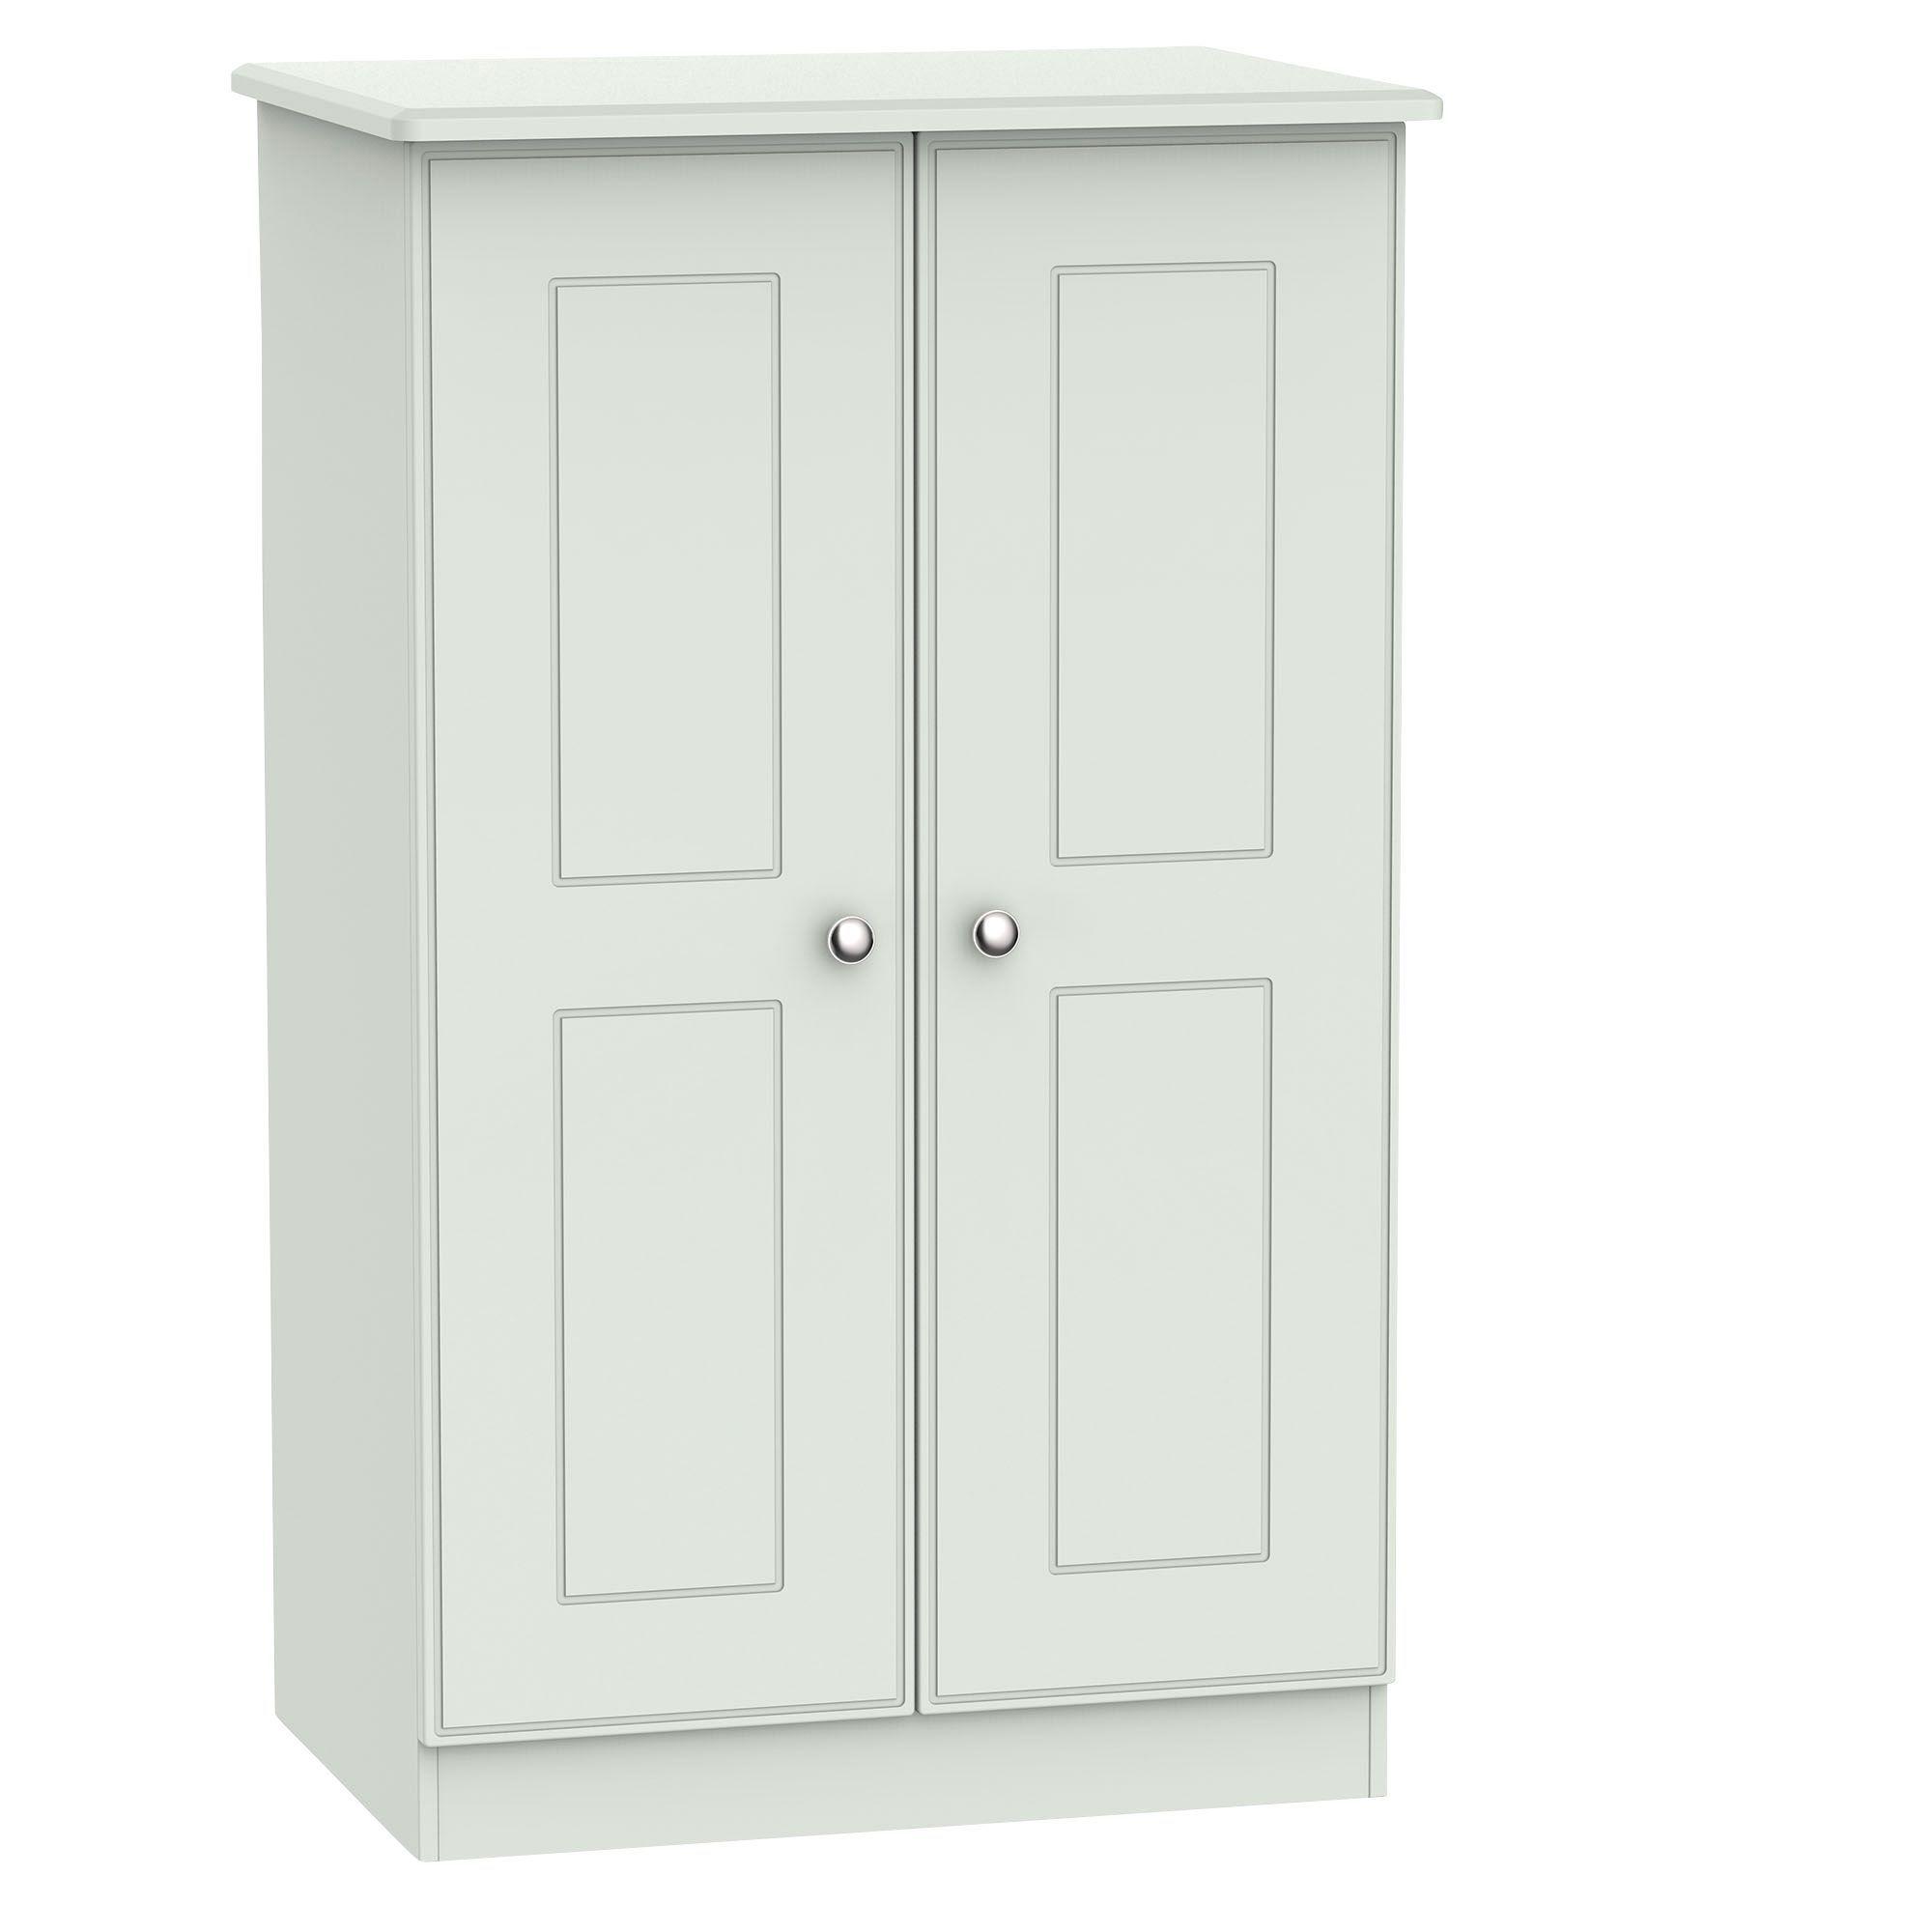 Lugano Grey 2 Door Midi Wardrobe (h)1270mm (w)770mm